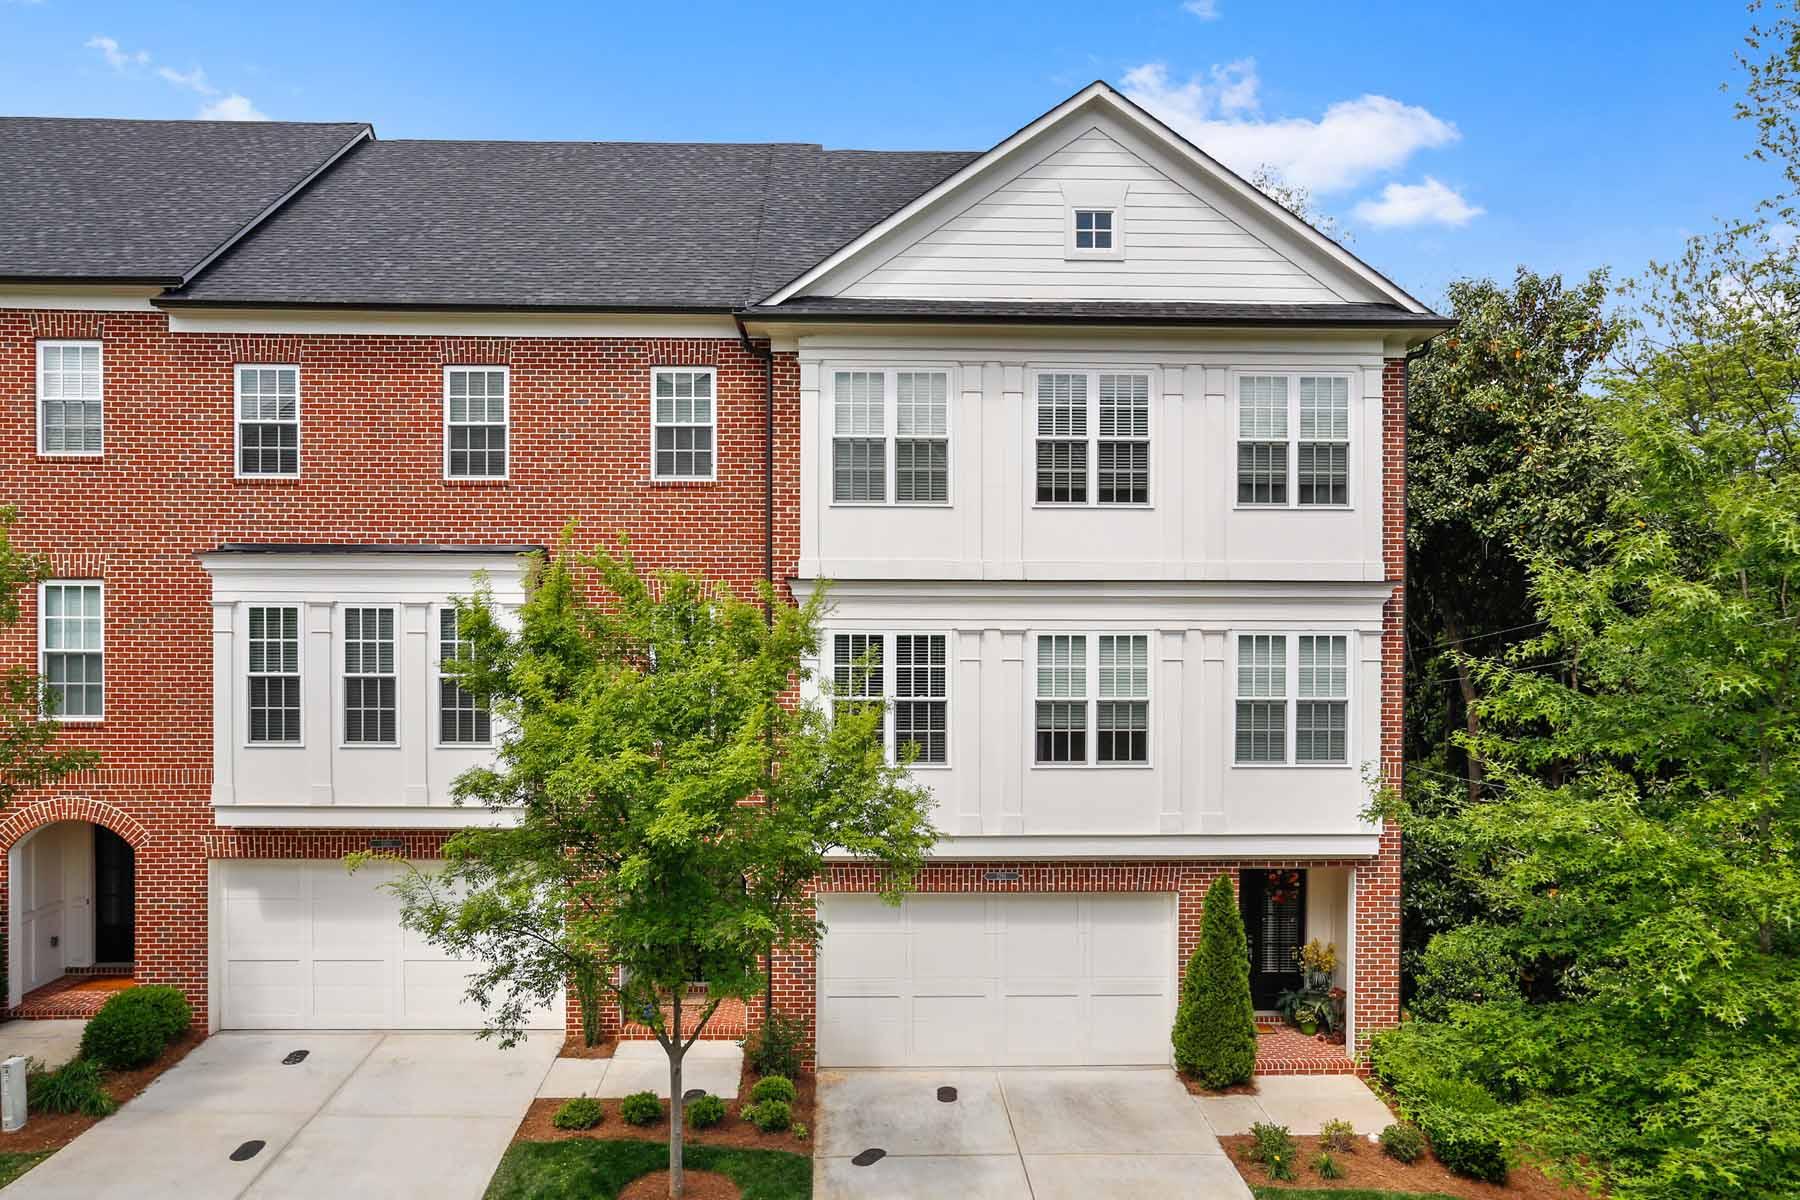 多棟聯建住宅 為 出售 在 End Unit Townhome in Lullwater Park 1231 Lullwater Park Circle Atlanta, 喬治亞州, 30306 美國